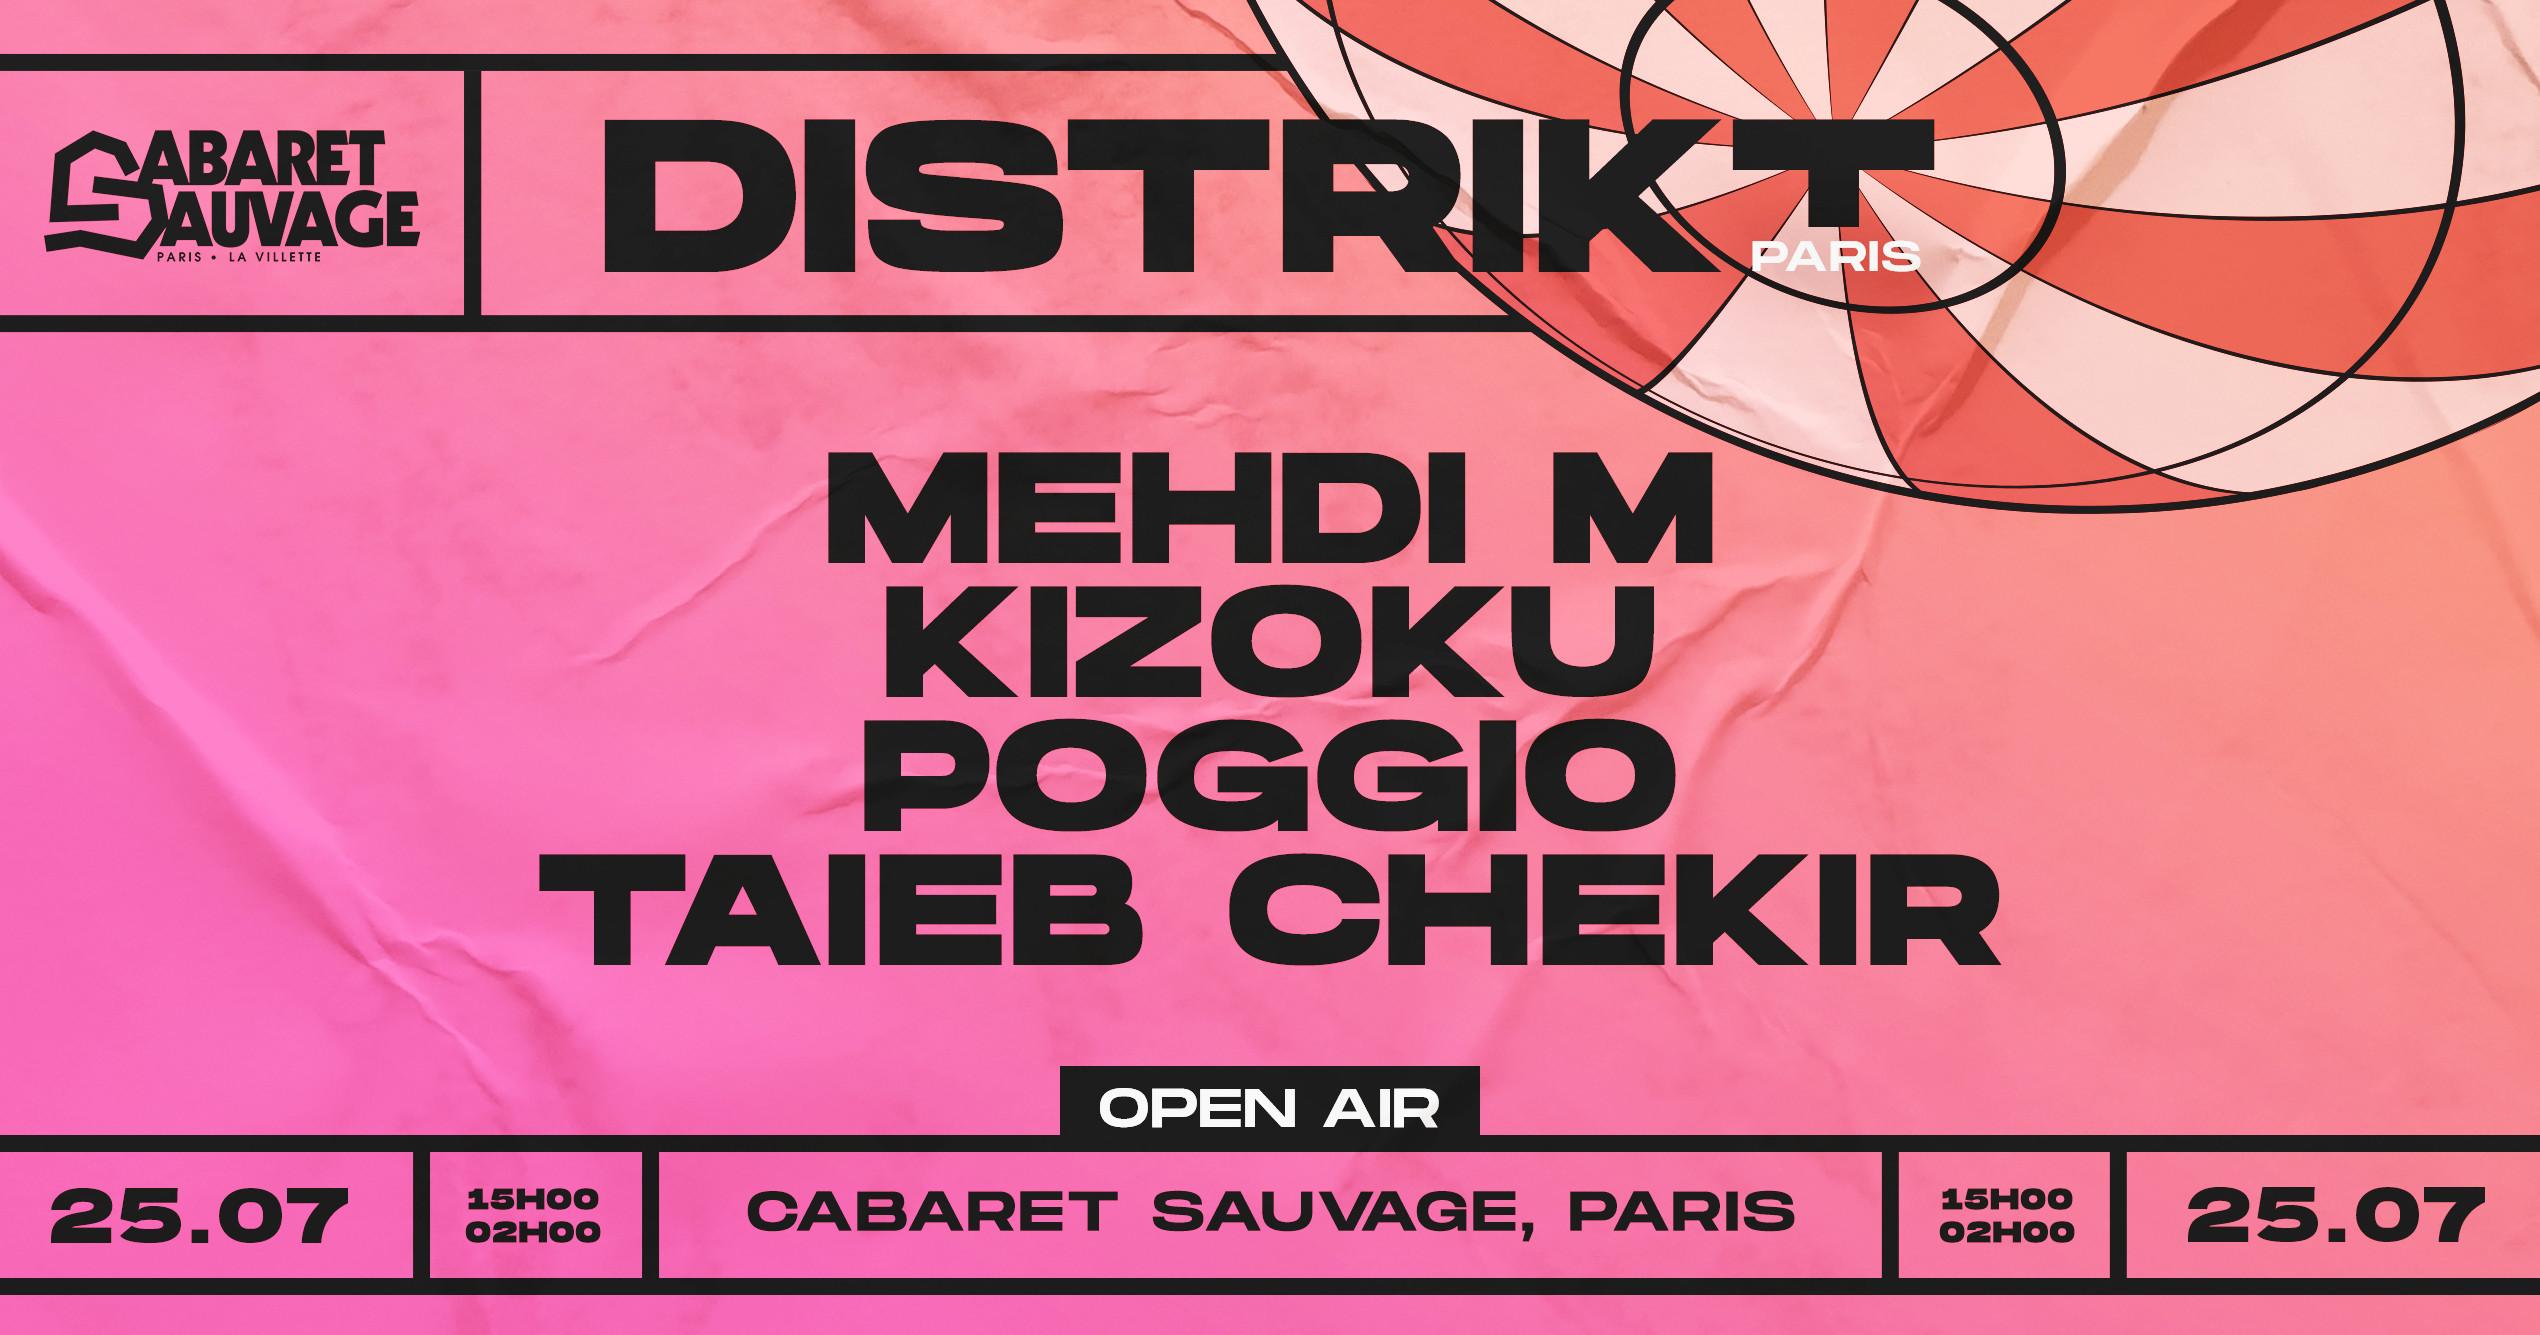 [Reporté] Distrikt Paris x Cabaret Sauvage : Open air w/résidents